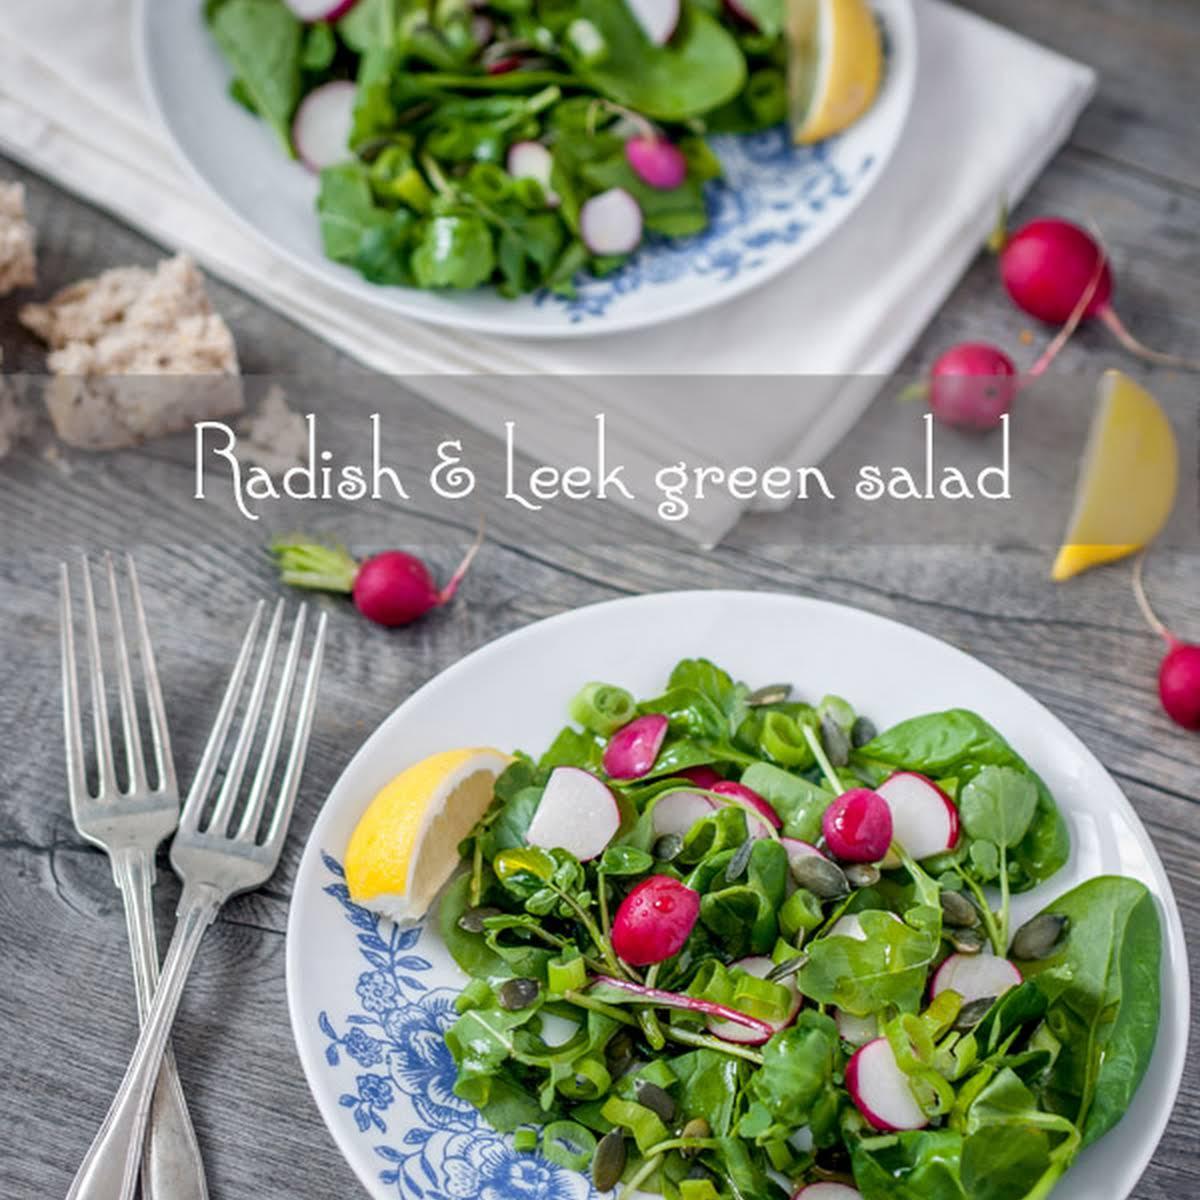 Radish Leek Green Salad